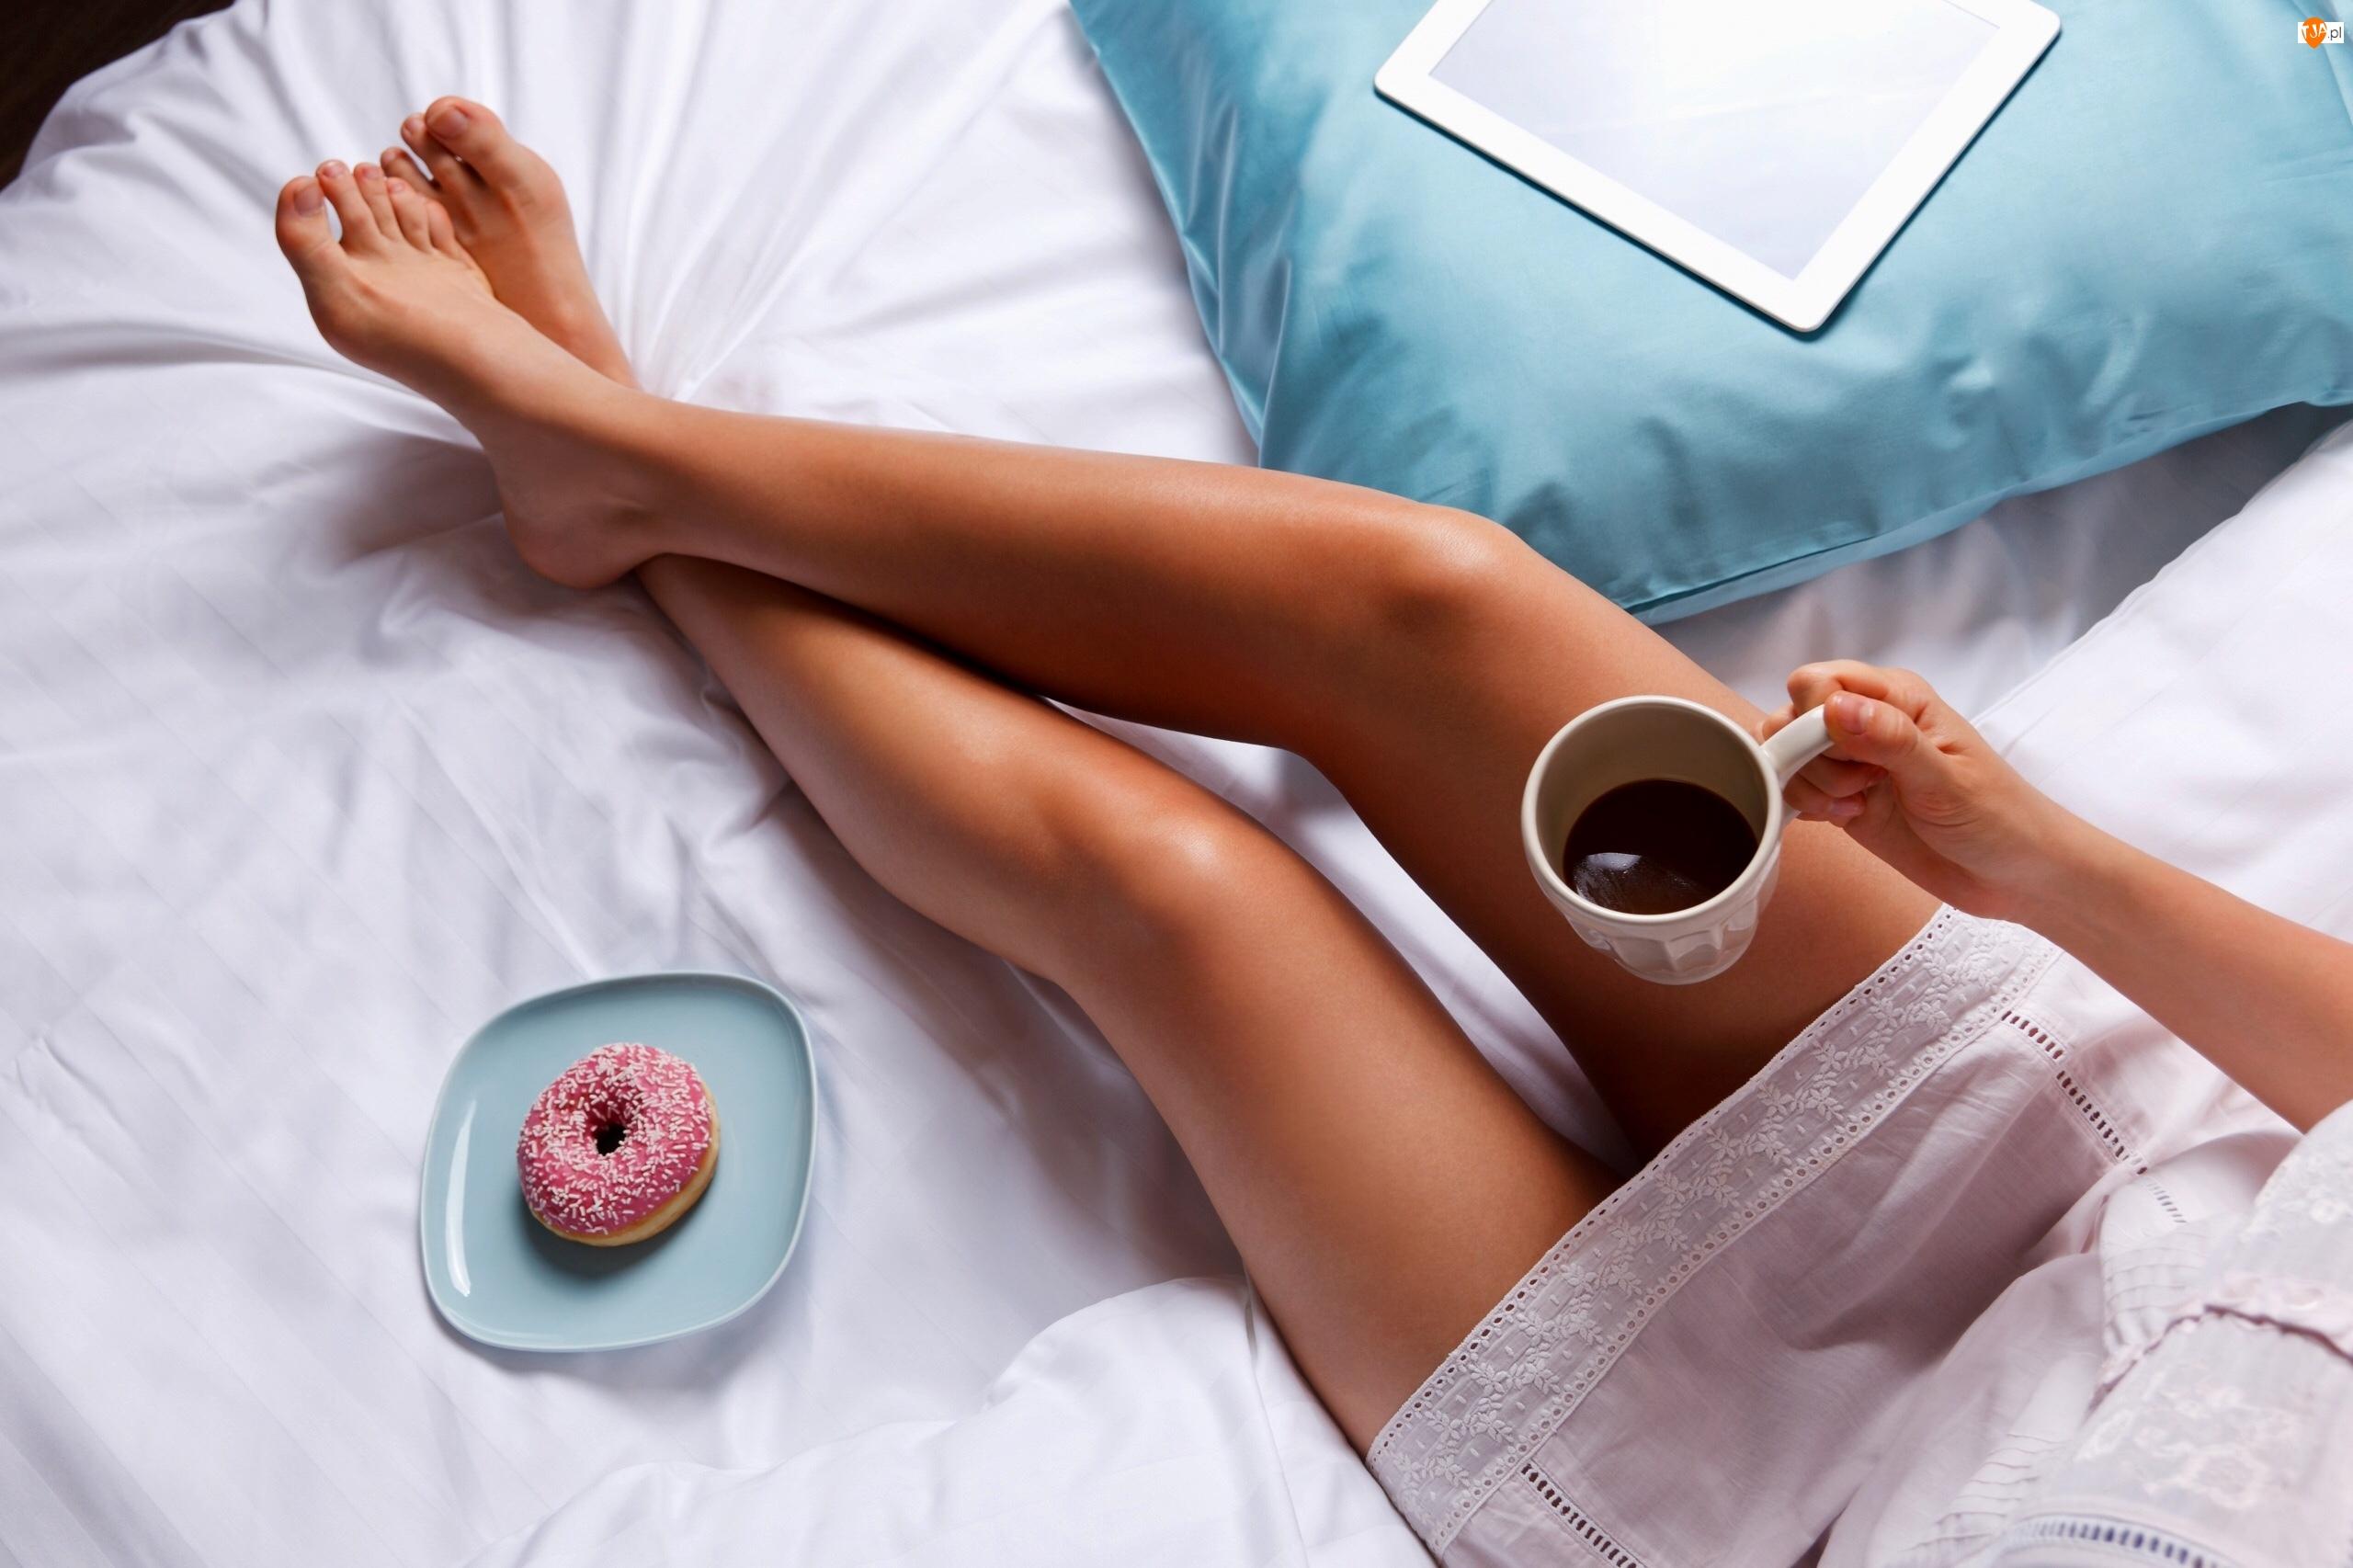 Kubek Z Kawą W Dłoni Kobiety Siedzącej Na łóżku